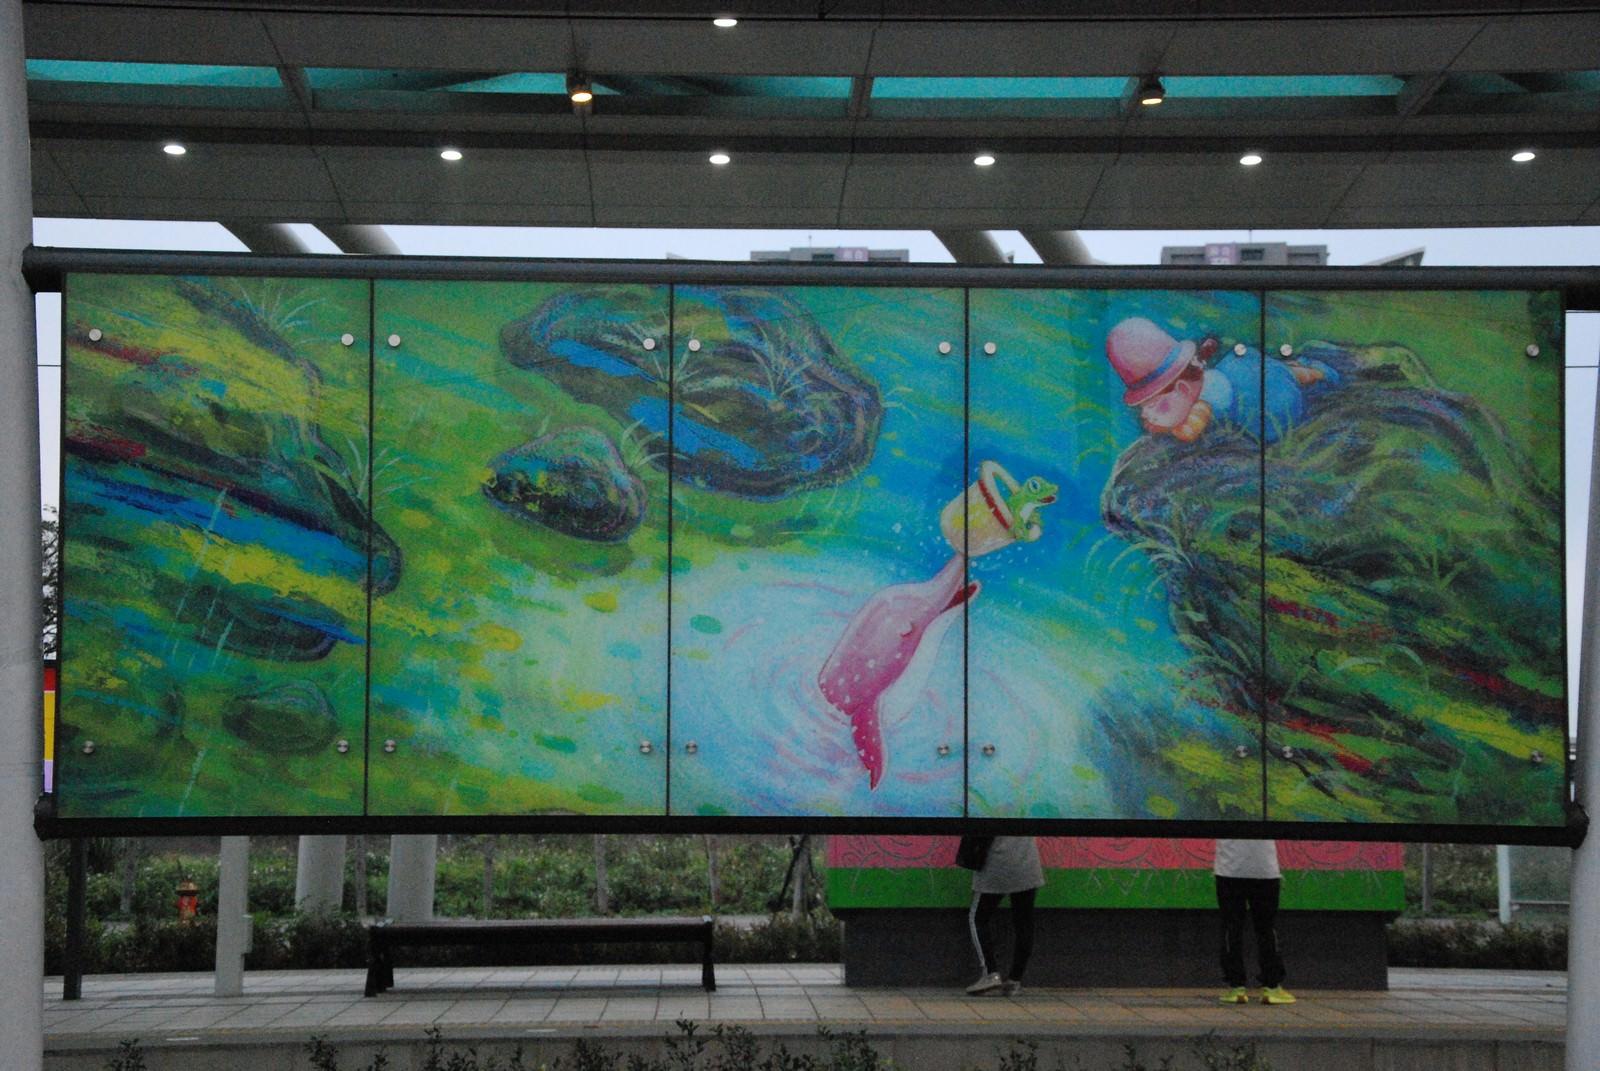 淡海輕軌綠山線, 輕軌淡海新市鎮站, 淡海輕軌遇上幾米